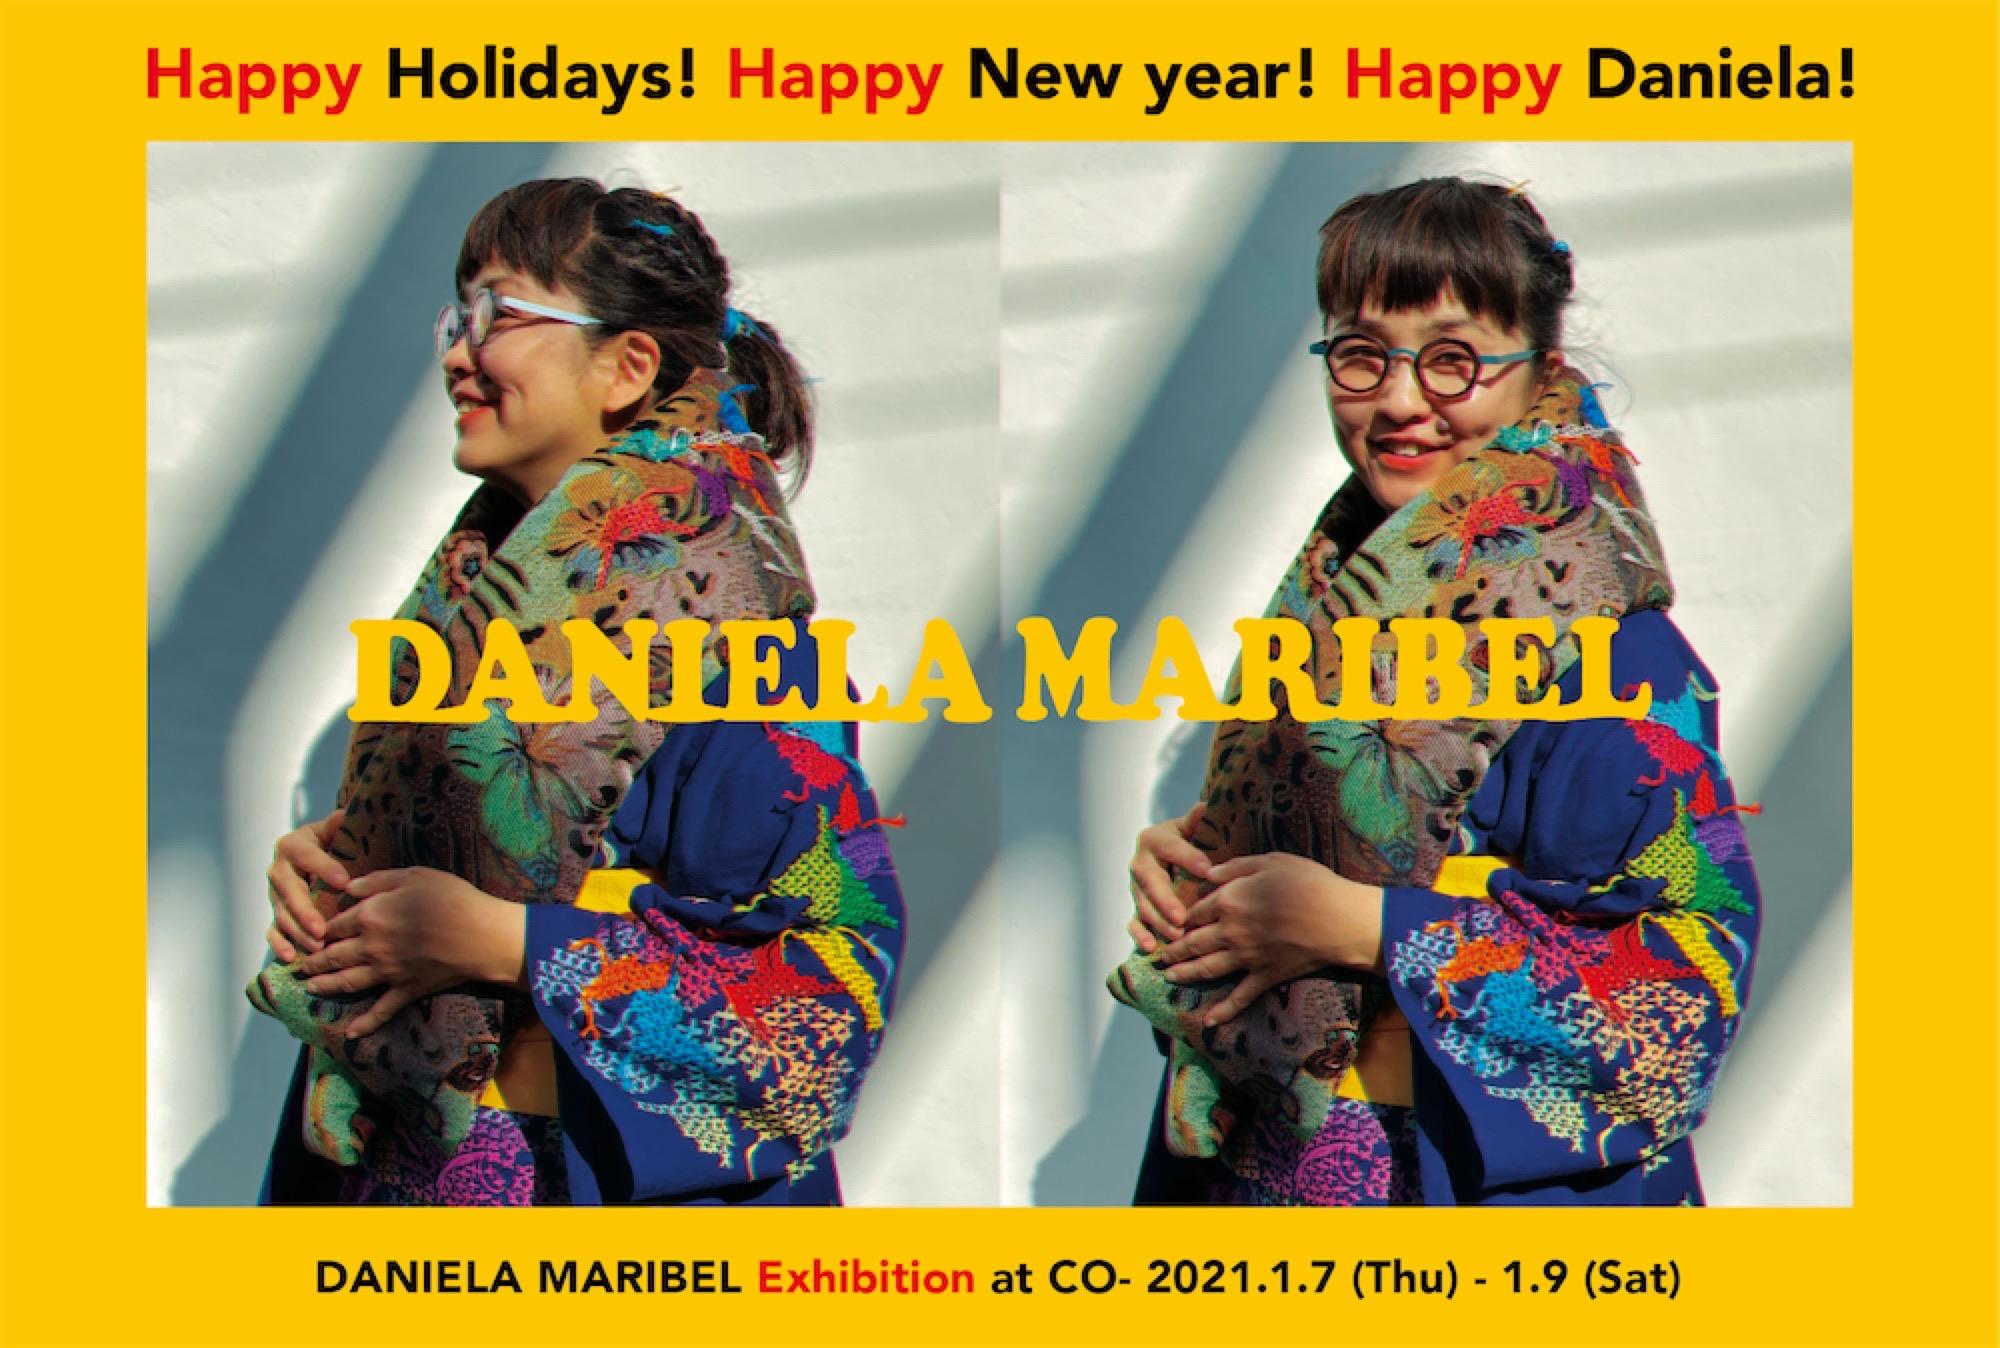 Happy Holidays! Happy New year! Happy Daniela!